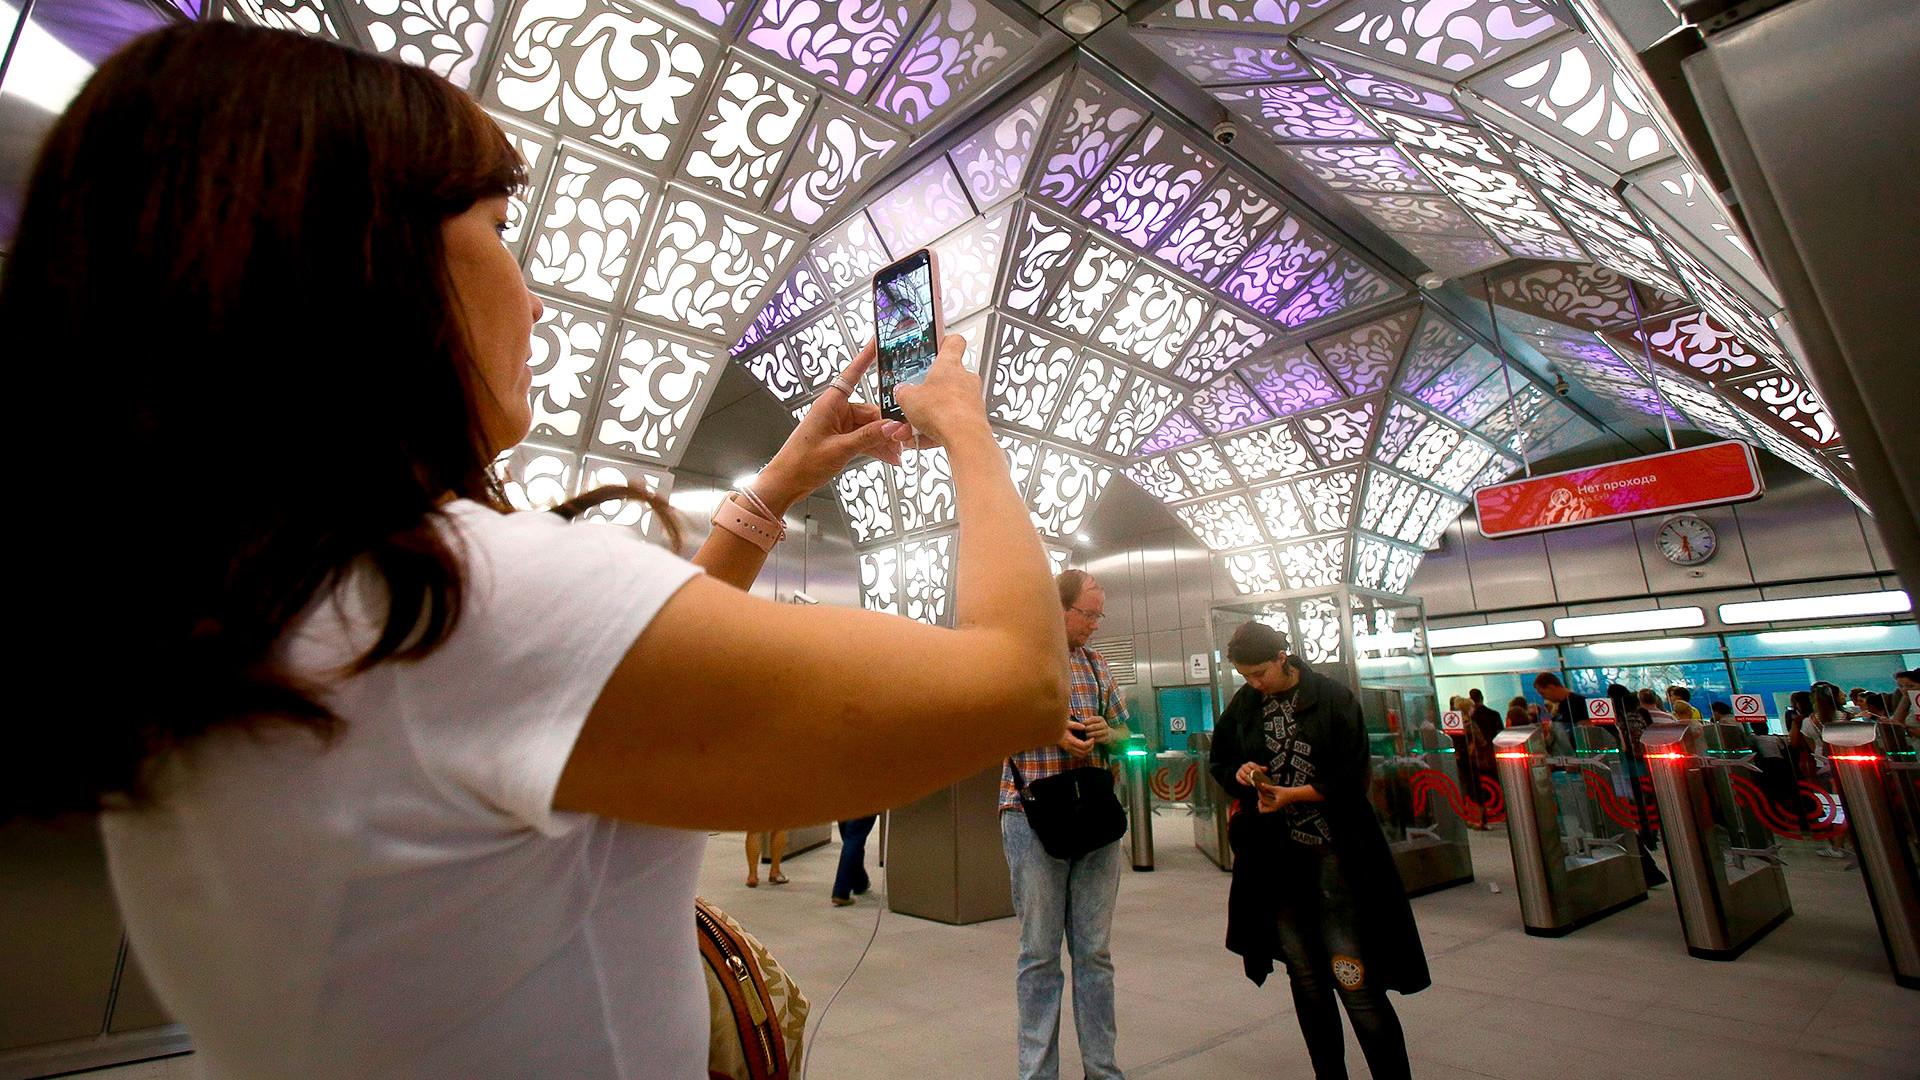 Како изгледа седам нових станица московског метроа, највећег подземног музеја на свету